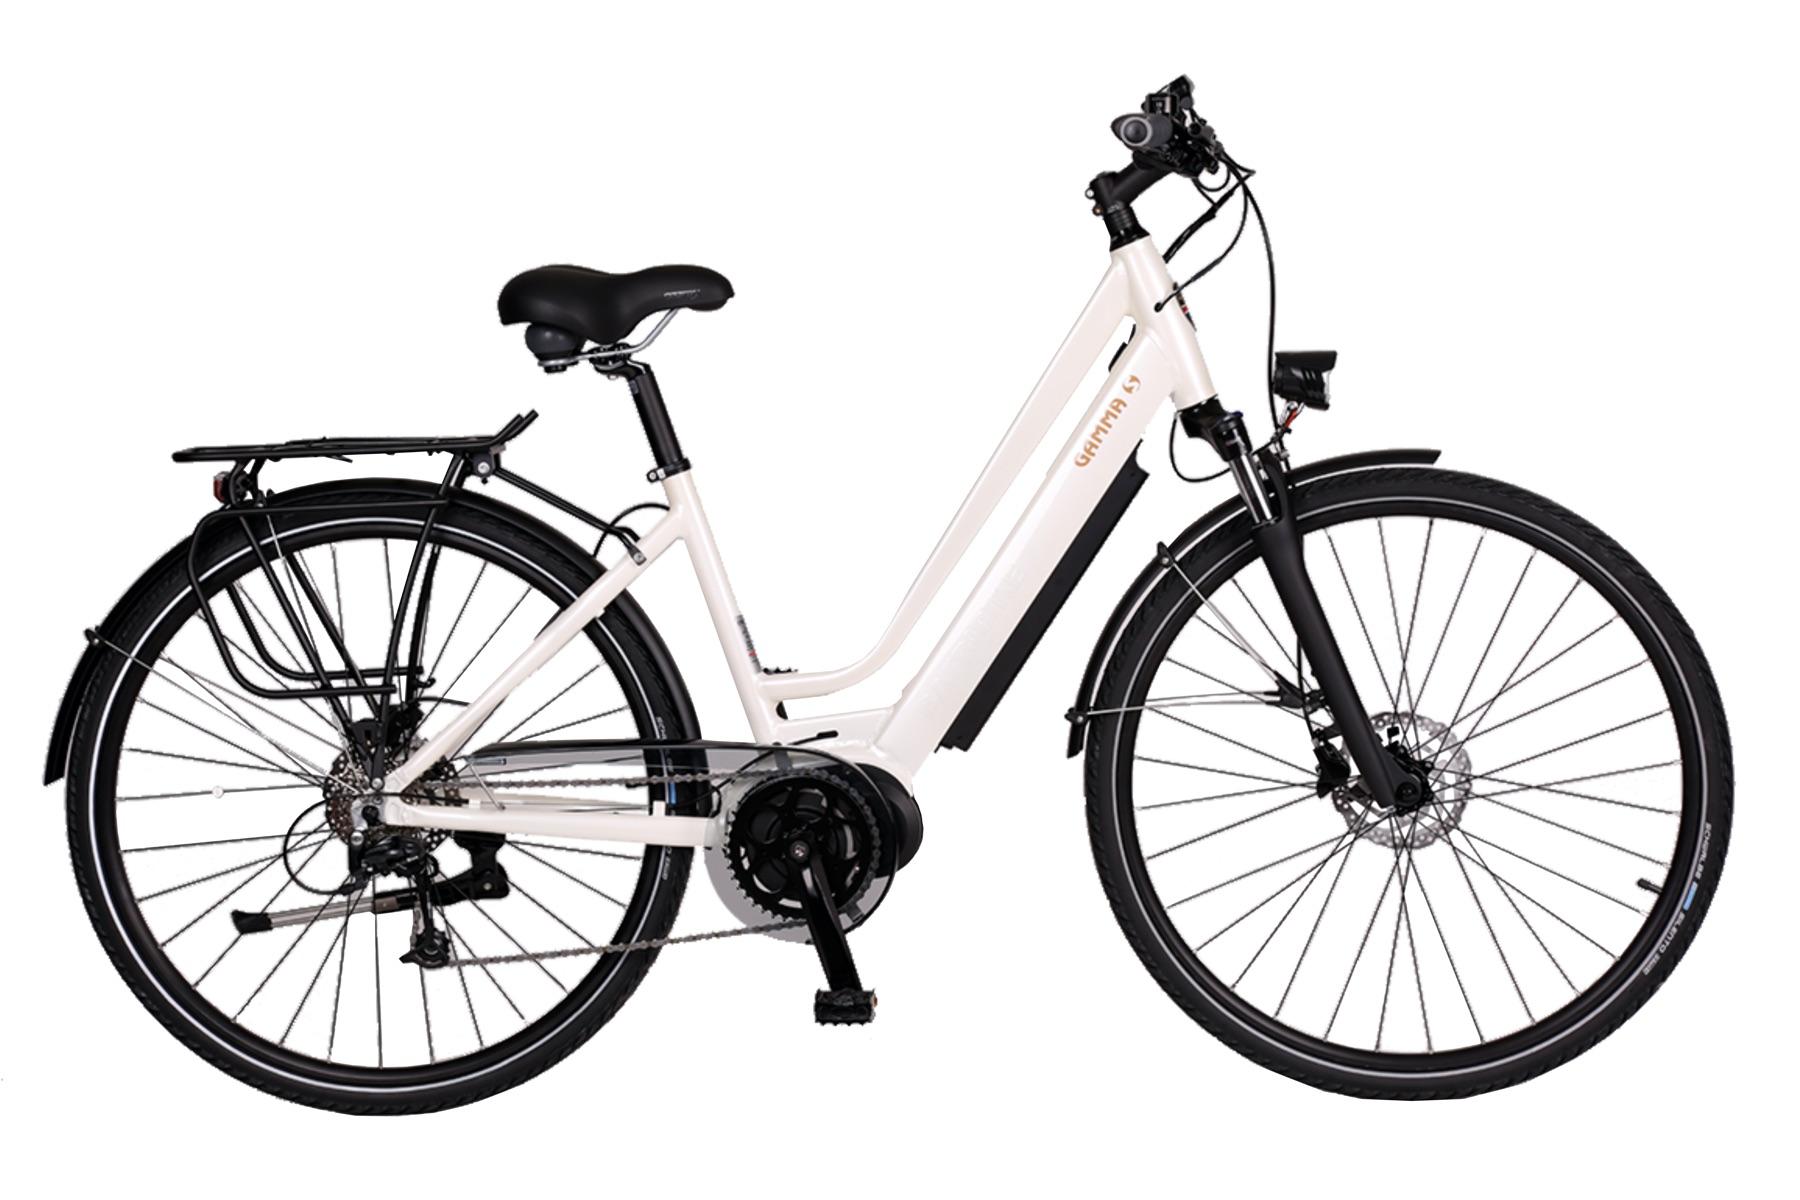 Gamma S Crank Motor E Bike